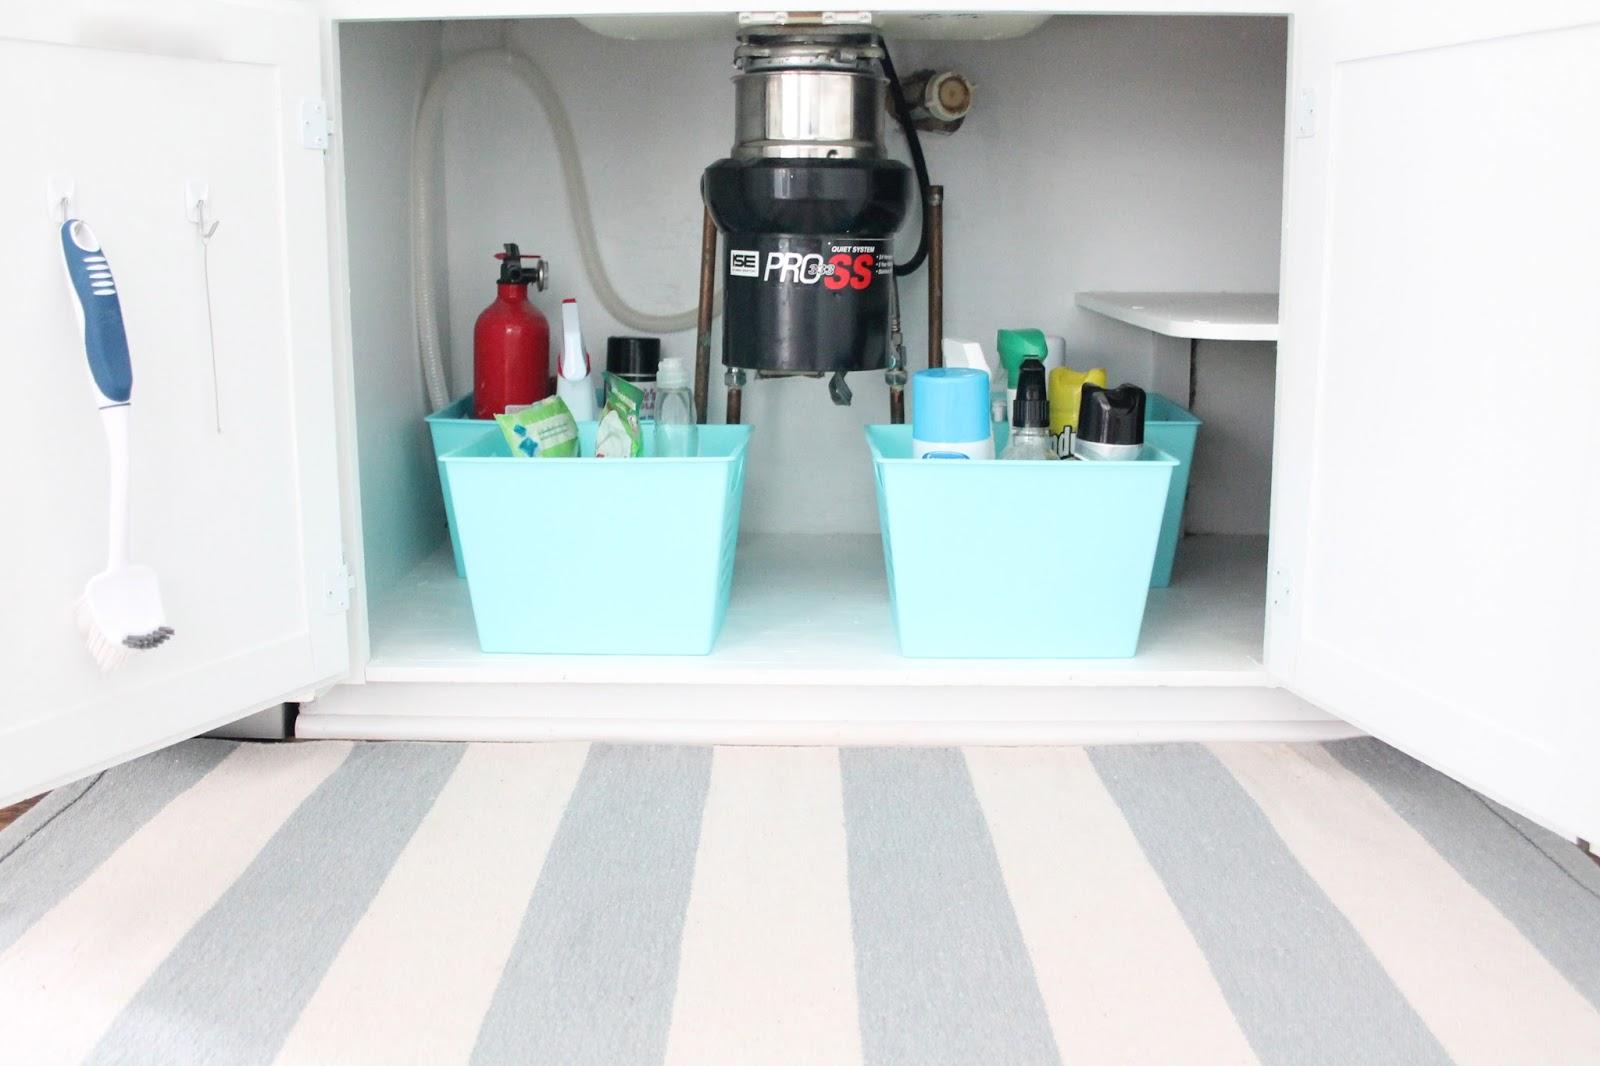 4 solutions of garbage disposal repair | HireRush